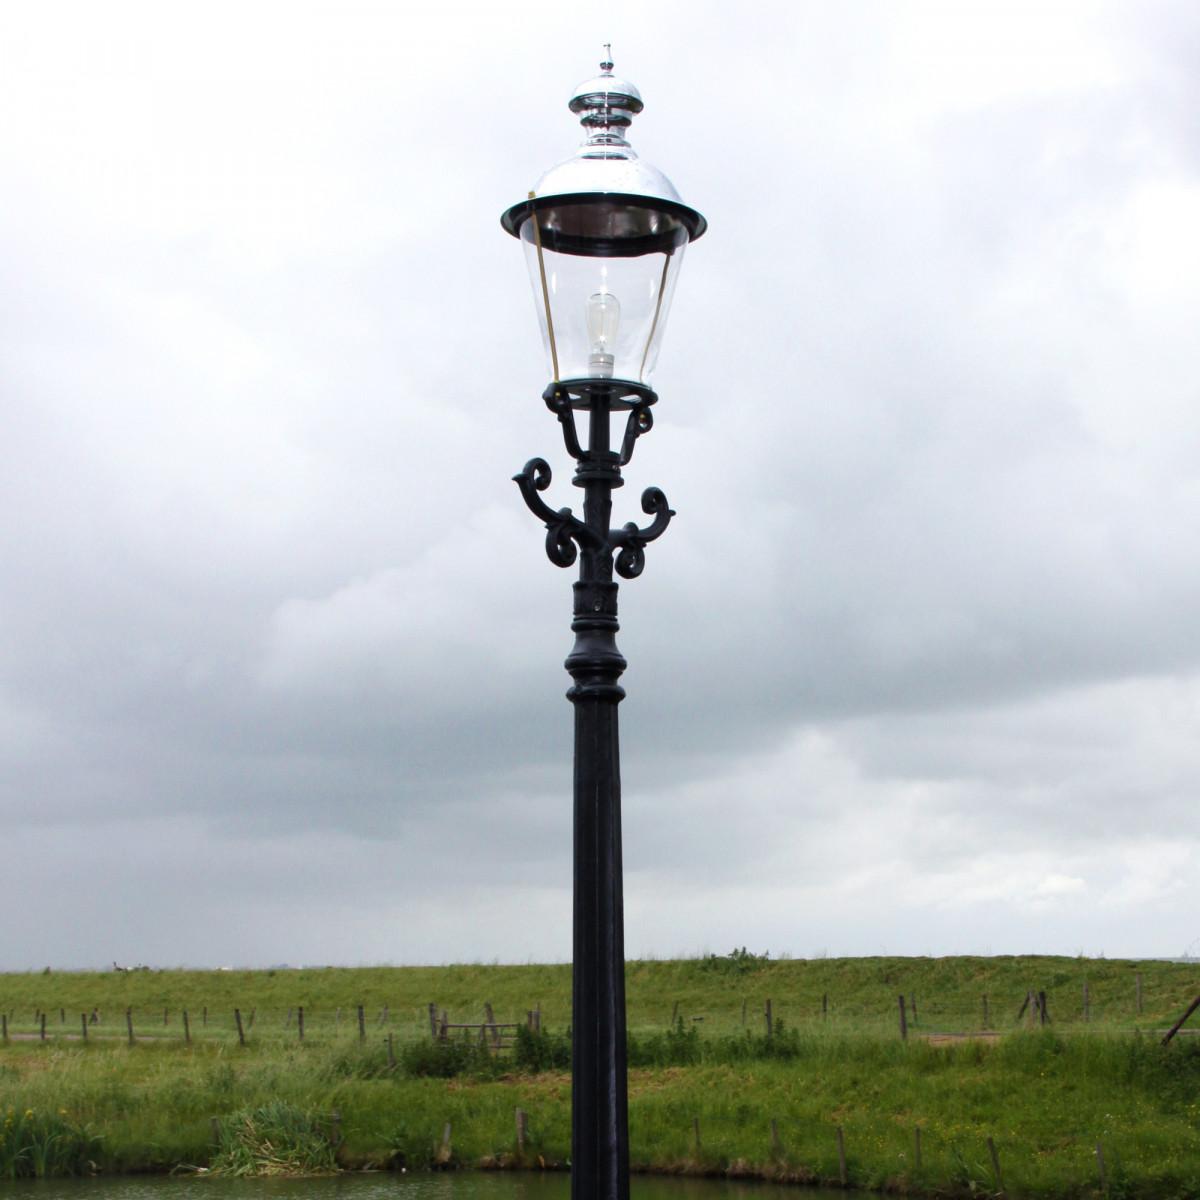 Lantaarn Klassiek (59121405) - Nostalux - Buitenverlichting Rond